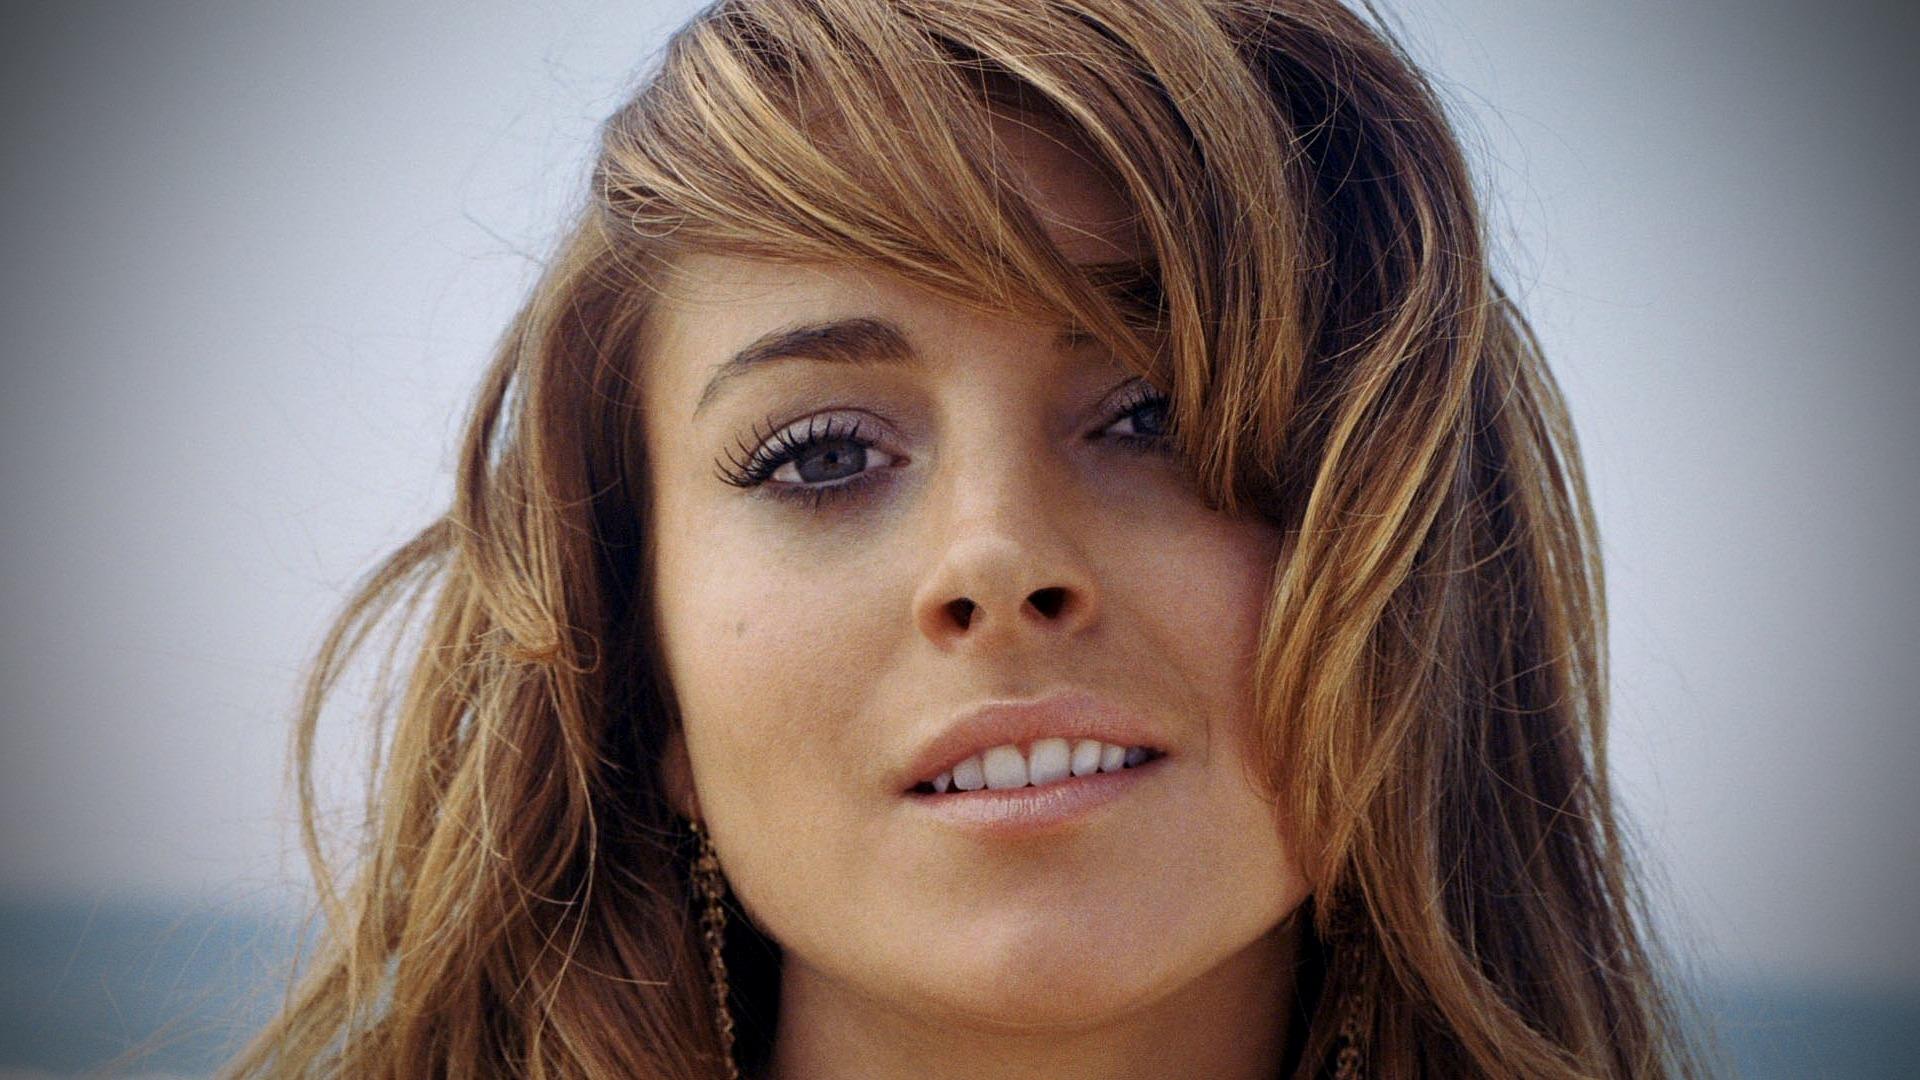 Wallpaper Face Model Long Hair Bangs Teeth Nose Lindsay